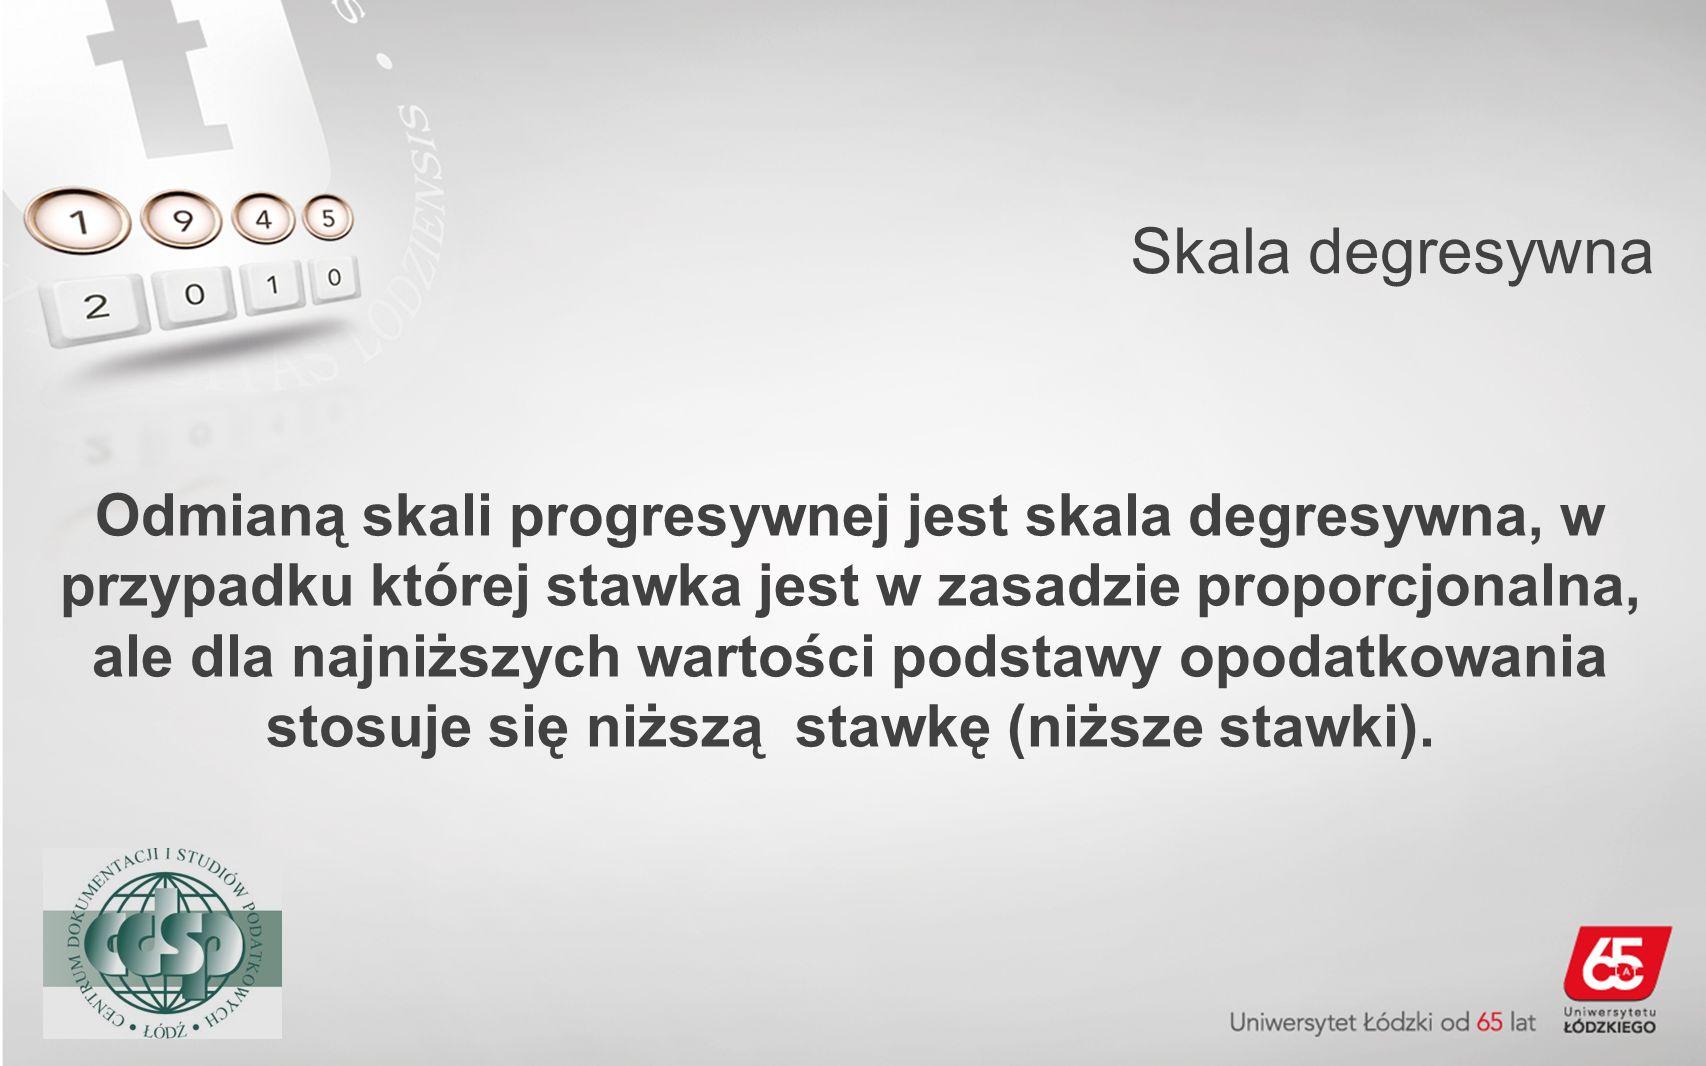 Skala degresywna Odmianą skali progresywnej jest skala degresywna, w przypadku której stawka jest w zasadzie proporcjonalna, ale dla najniższych warto